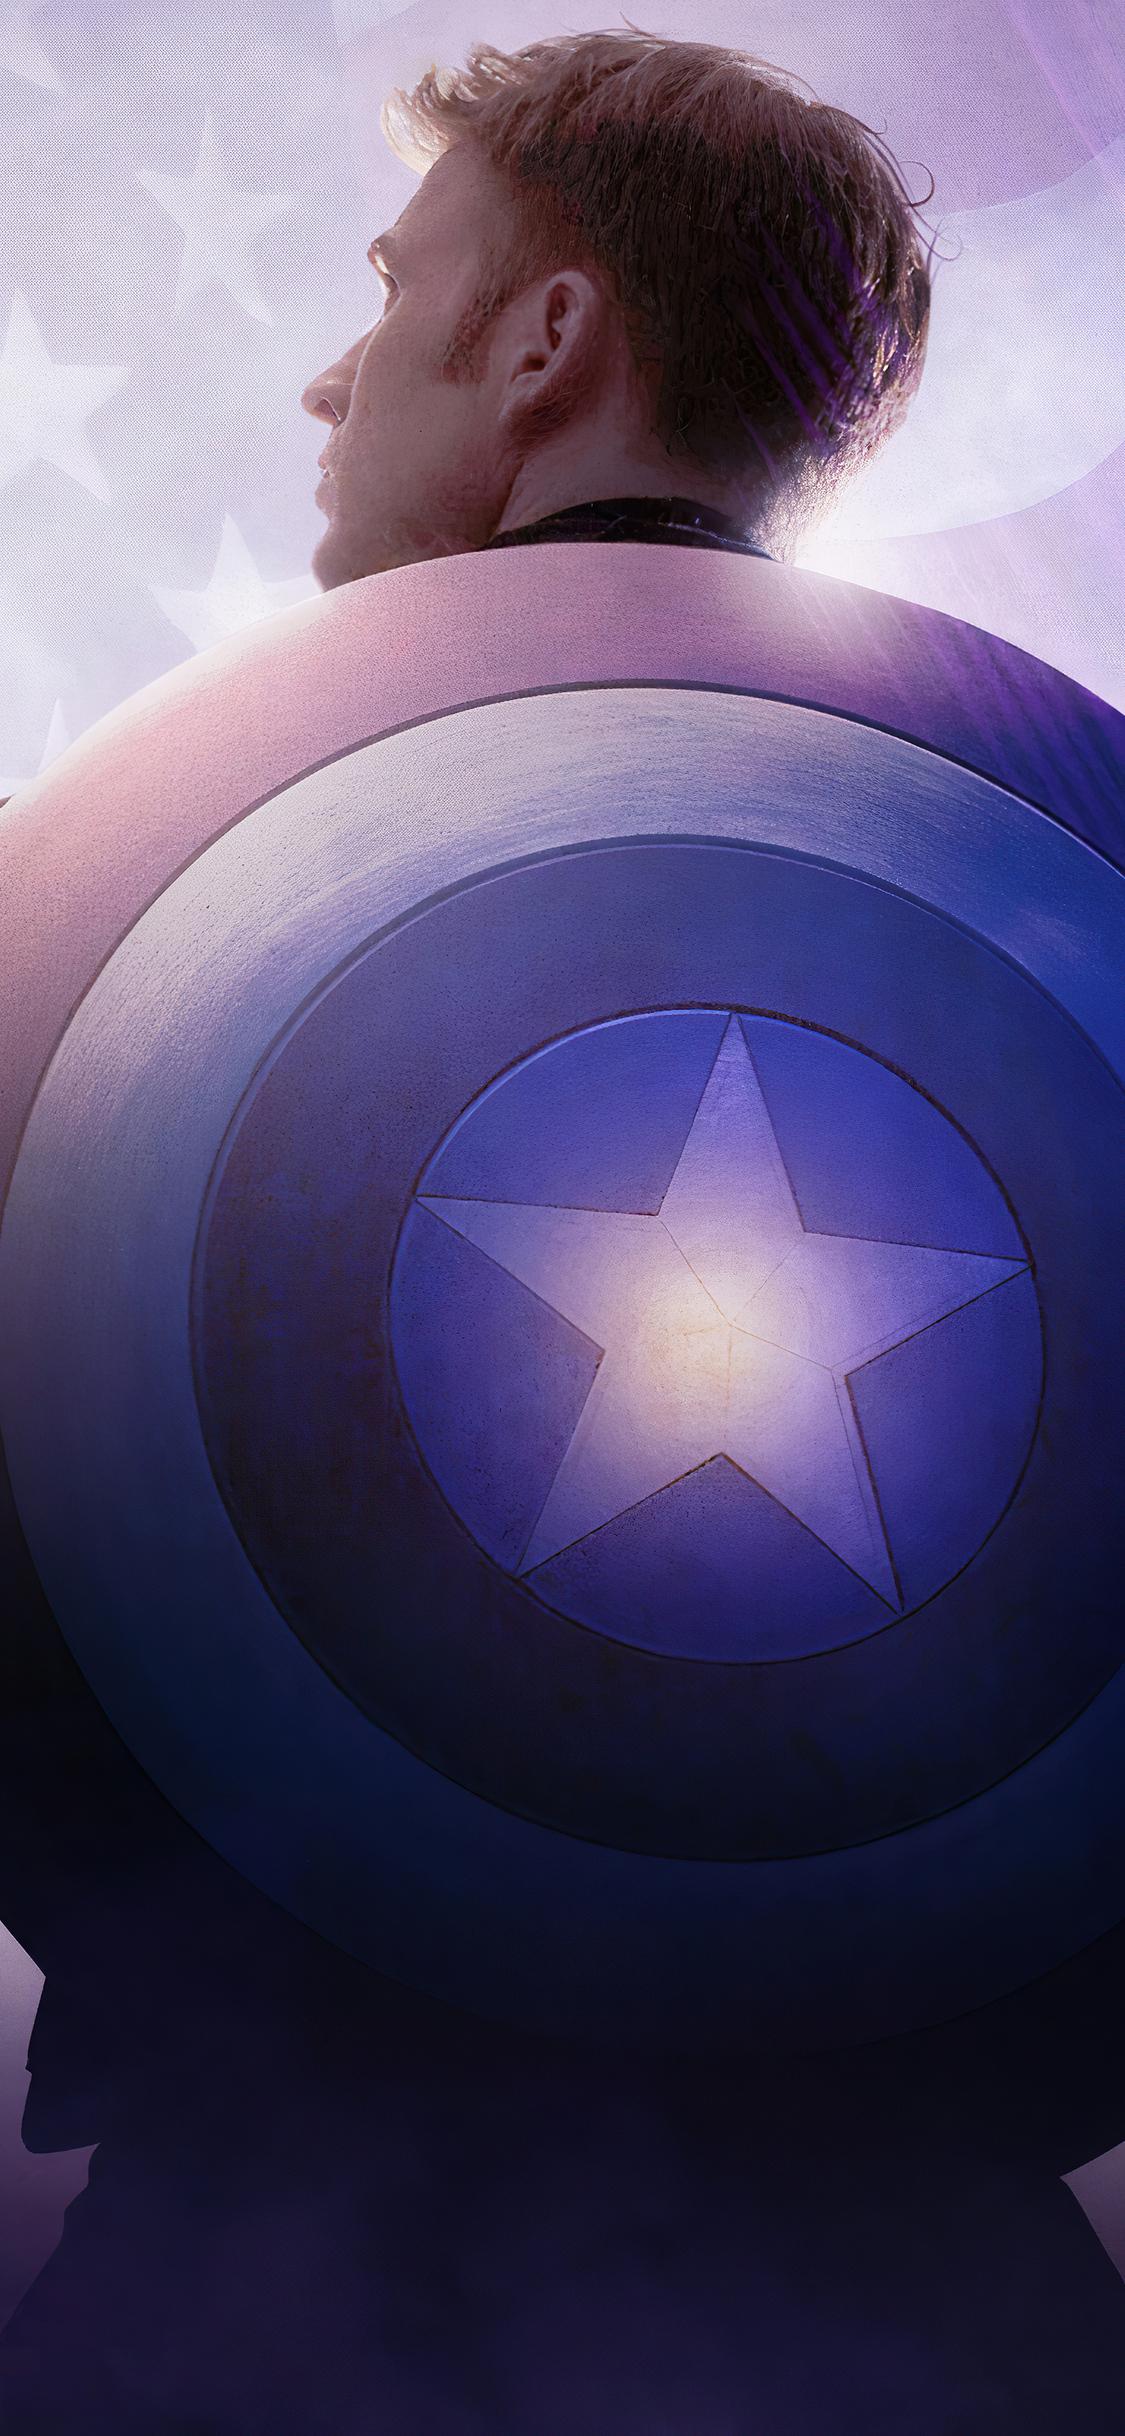 captain-america-shield-on-back-4k-g6.jpg